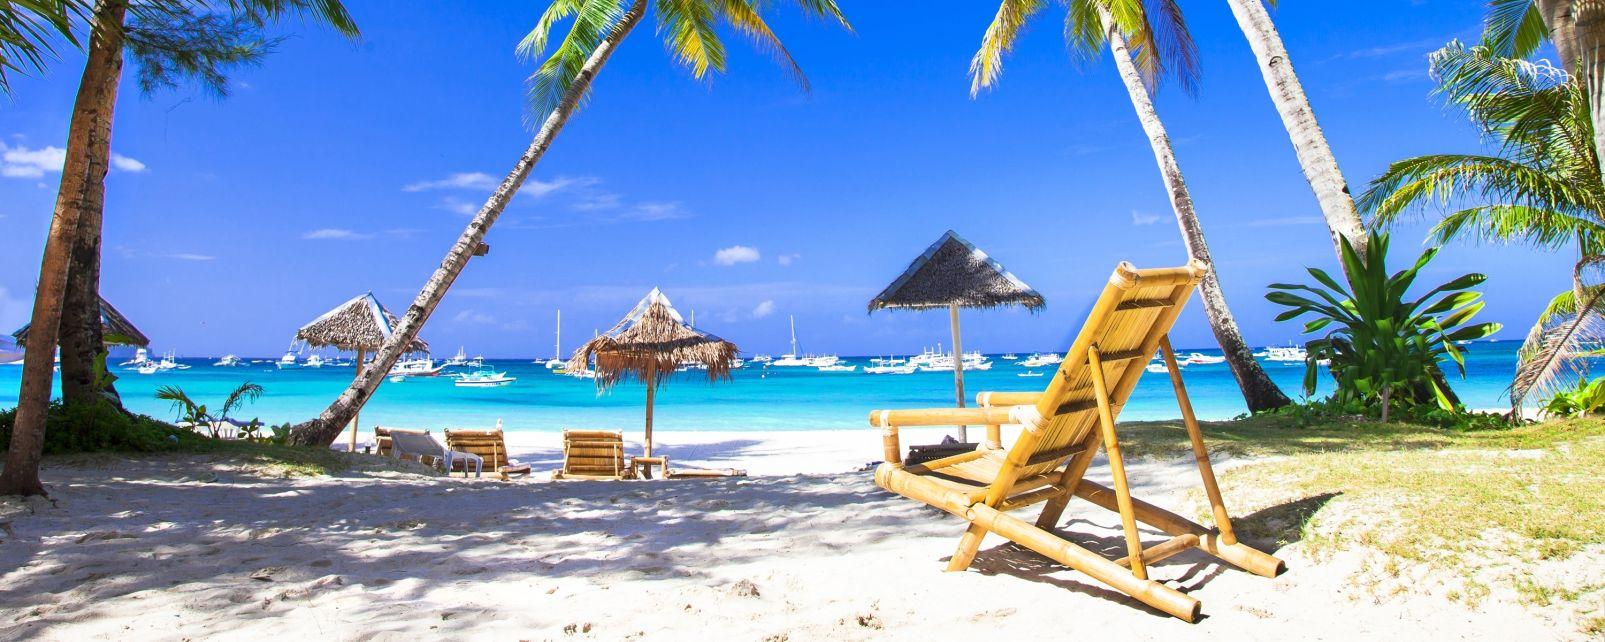 Les îles, île, Boracay, Philippines, asie, plage